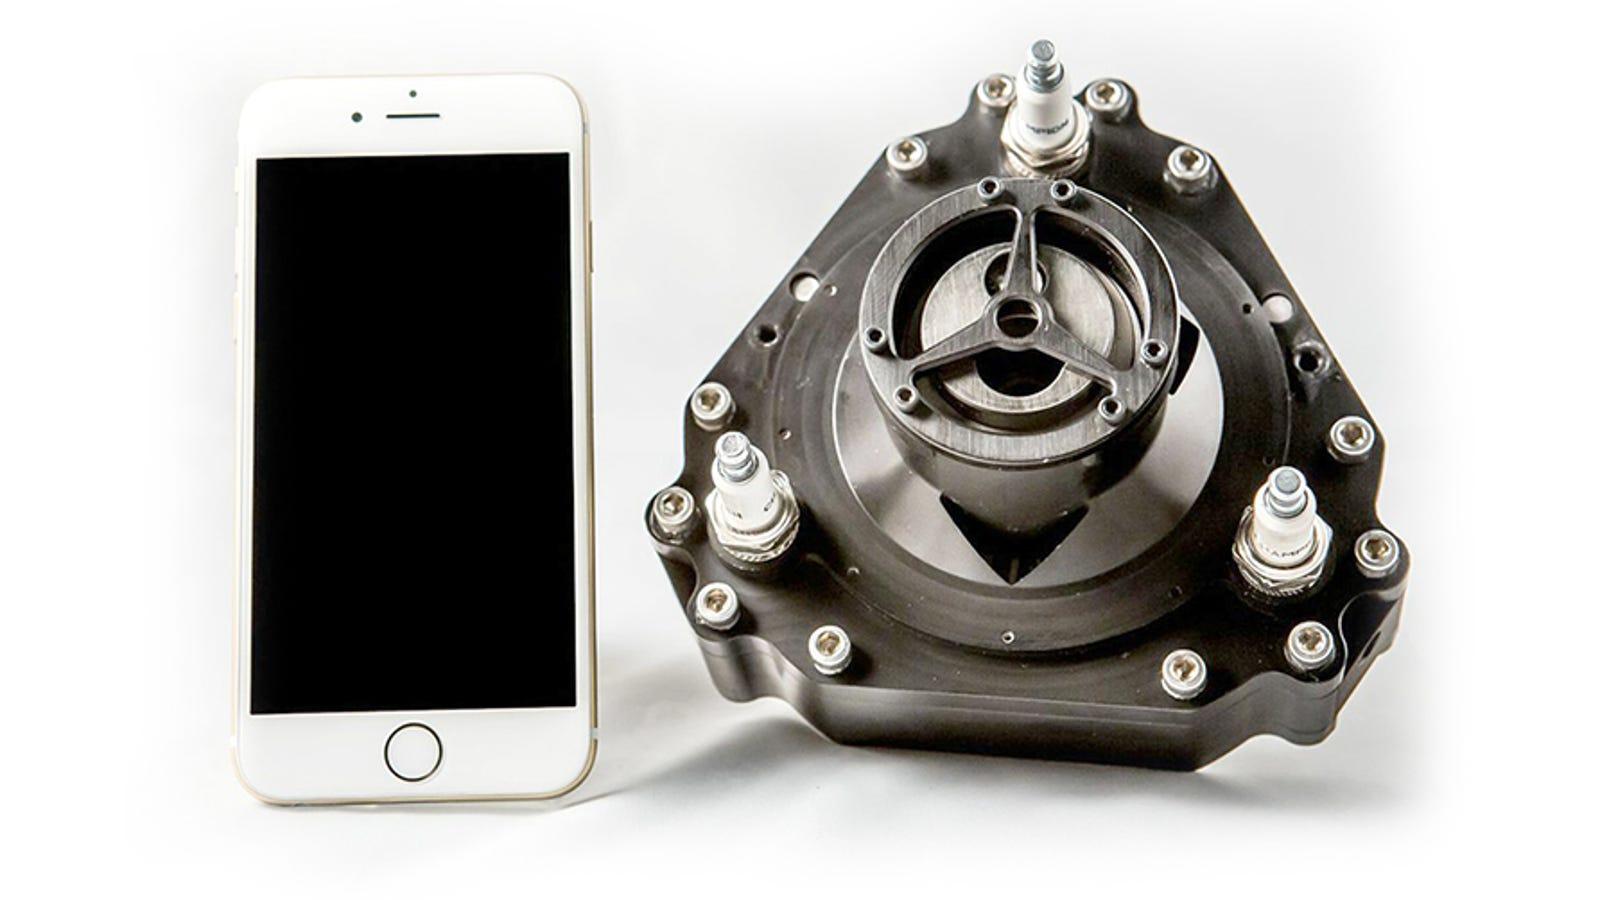 Este motor de combustión ruso del tamaño de un iPhone tiene 5 CV y puede impulsar un kart